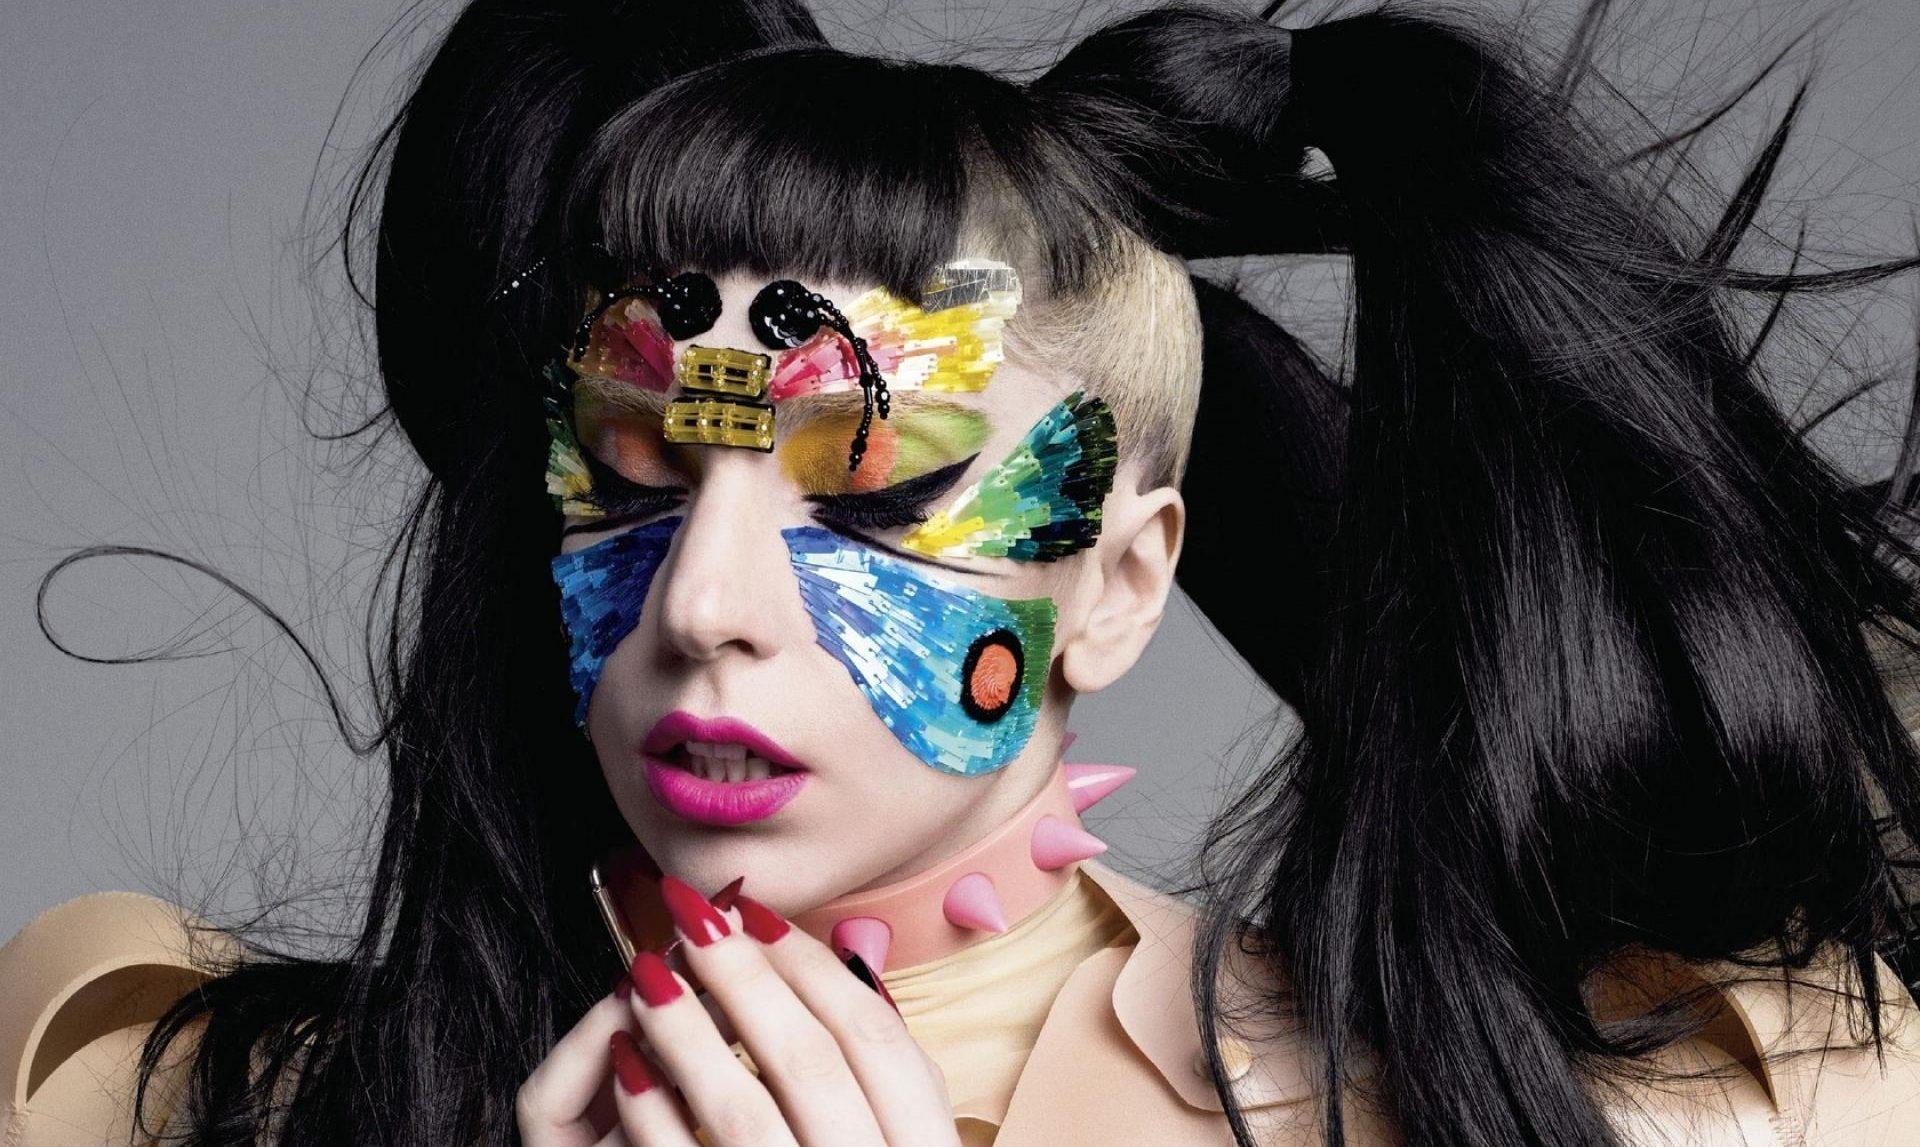 """Lady Gaga, """"Haus Beauty"""" İsimli Makyaj Markasını Piyasaya Sürüyor!"""